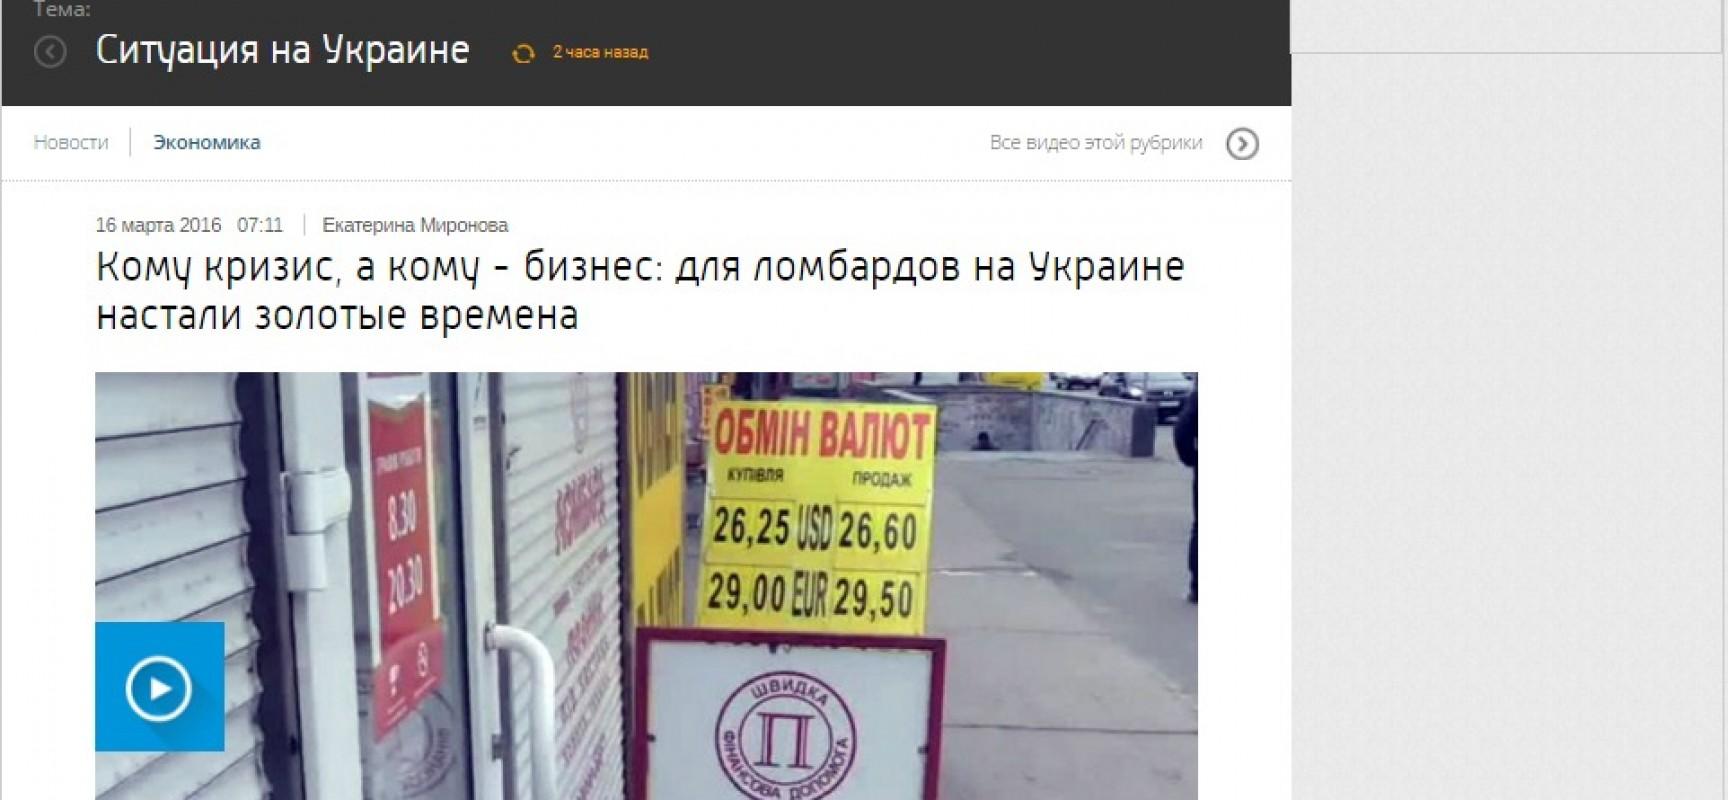 """Fake del canale """"Russia 24"""" sull'aumento dei monti dei pegni"""